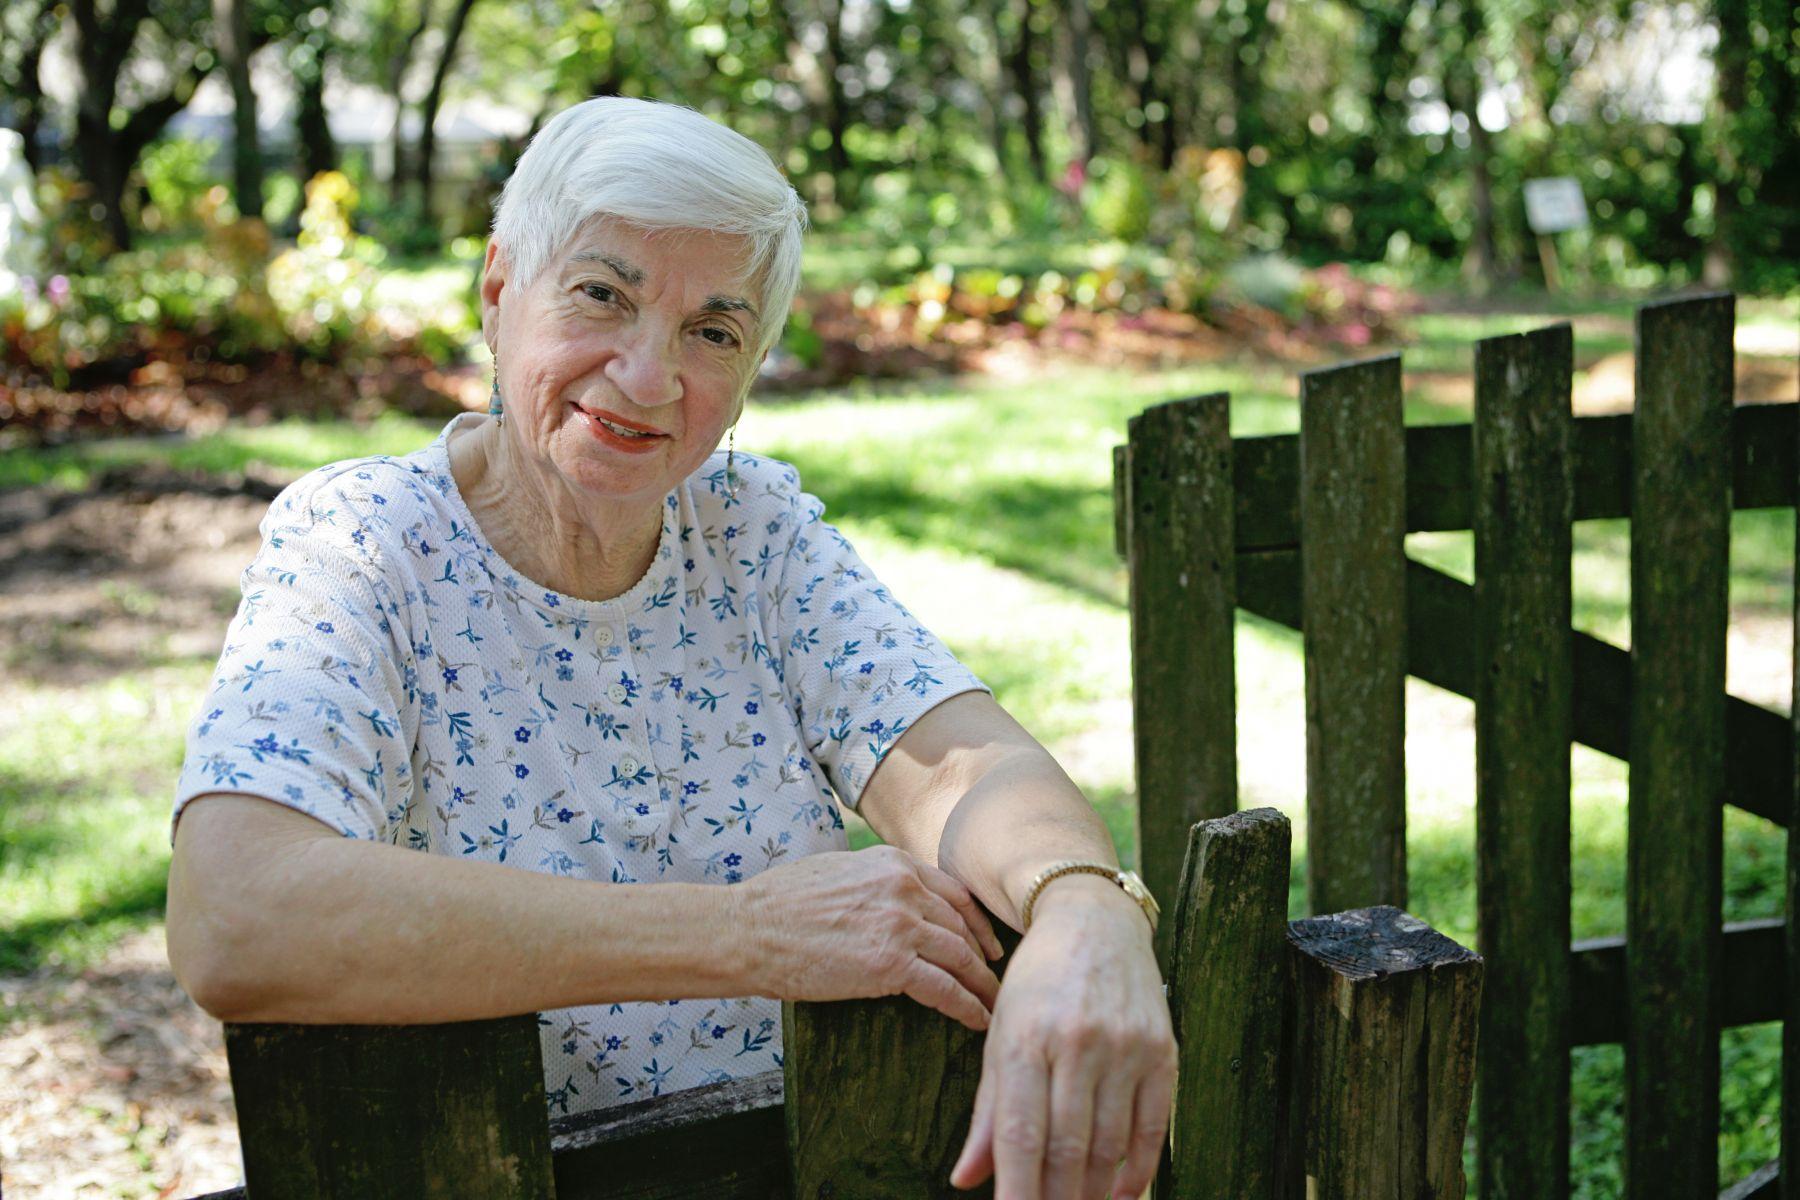 111歲,沒有生病、沒有臥床,體力超級好!義大利人瑞的健康關鍵...抗衰老必看!